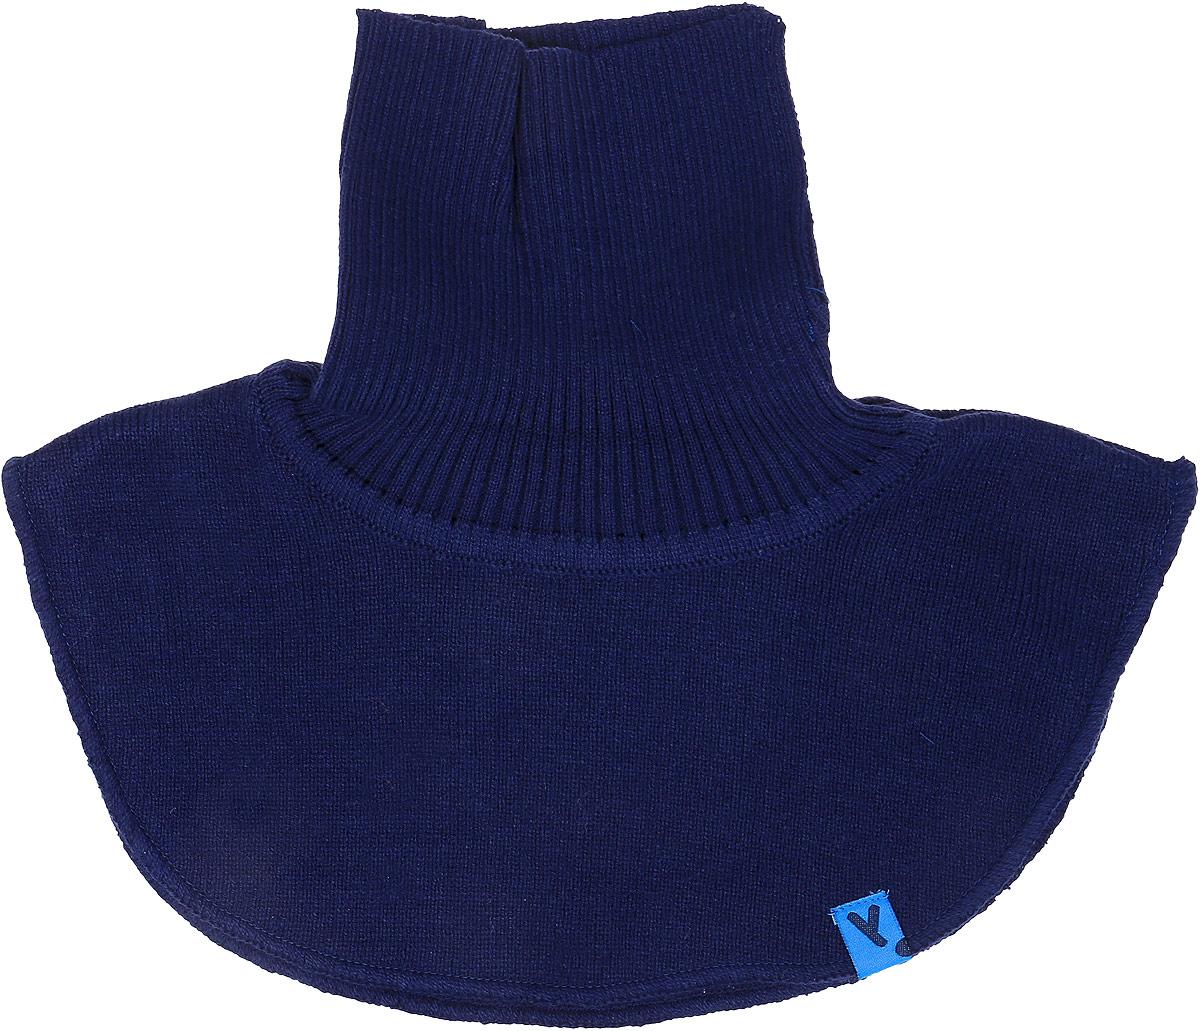 Манишка для мальчика PlayToday, цвет: темно-синий. 371177. Размер 50371177Воротник-манишка PlayToday - отличная альтернатива шарфу. Модель хорошо закрывает горло, спинку и грудь ребенка. За счет высокого содержания натурального хлопка материал воротника не раздражает нежную детскую кожу.Уважаемые клиенты!Размер, доступный для заказа, является обхватом головы.